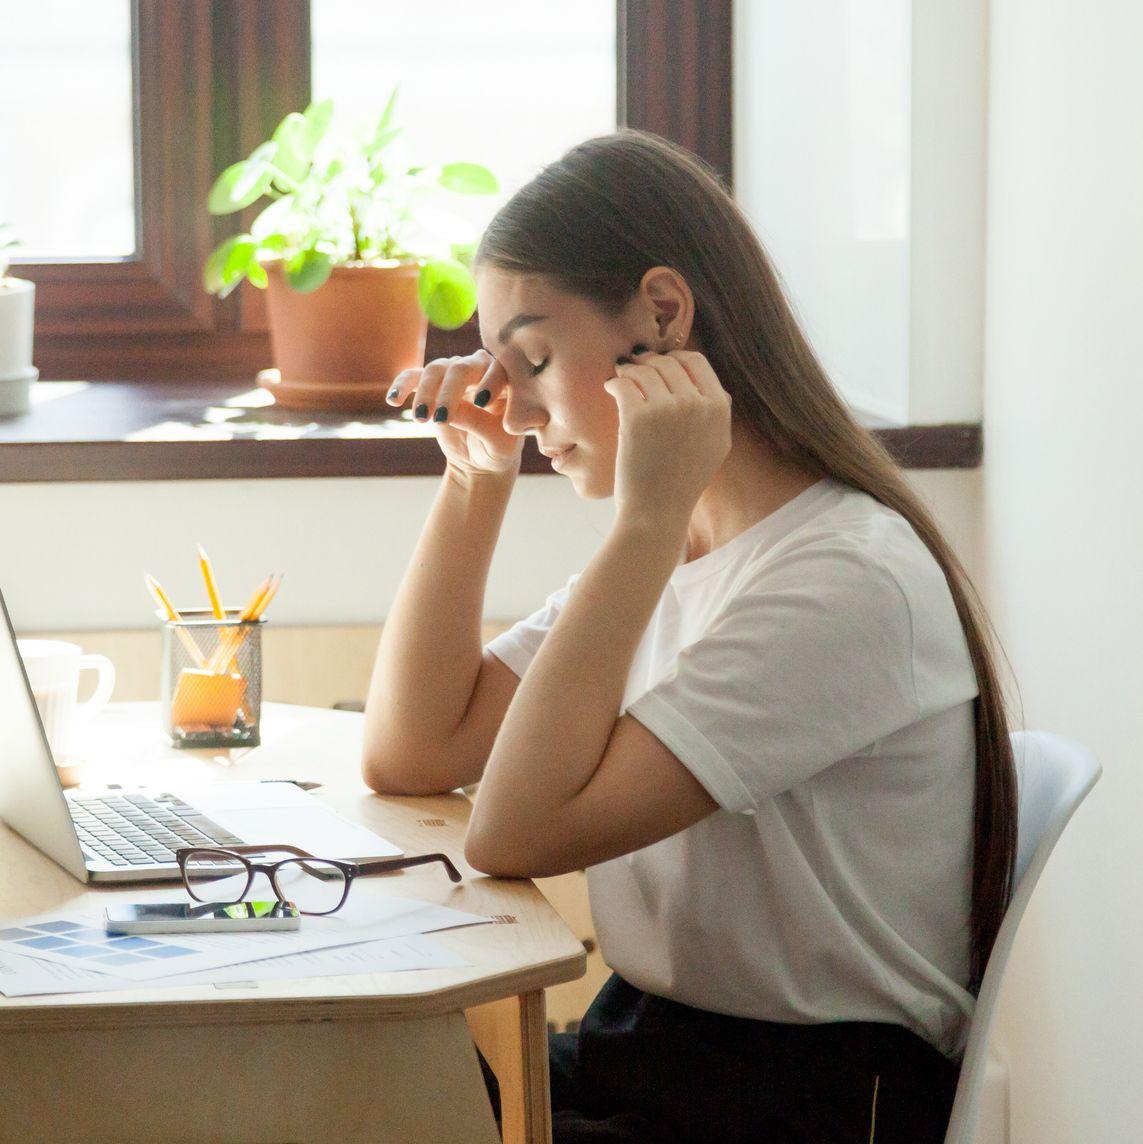 Female employee taking a minute break resting her eyes.